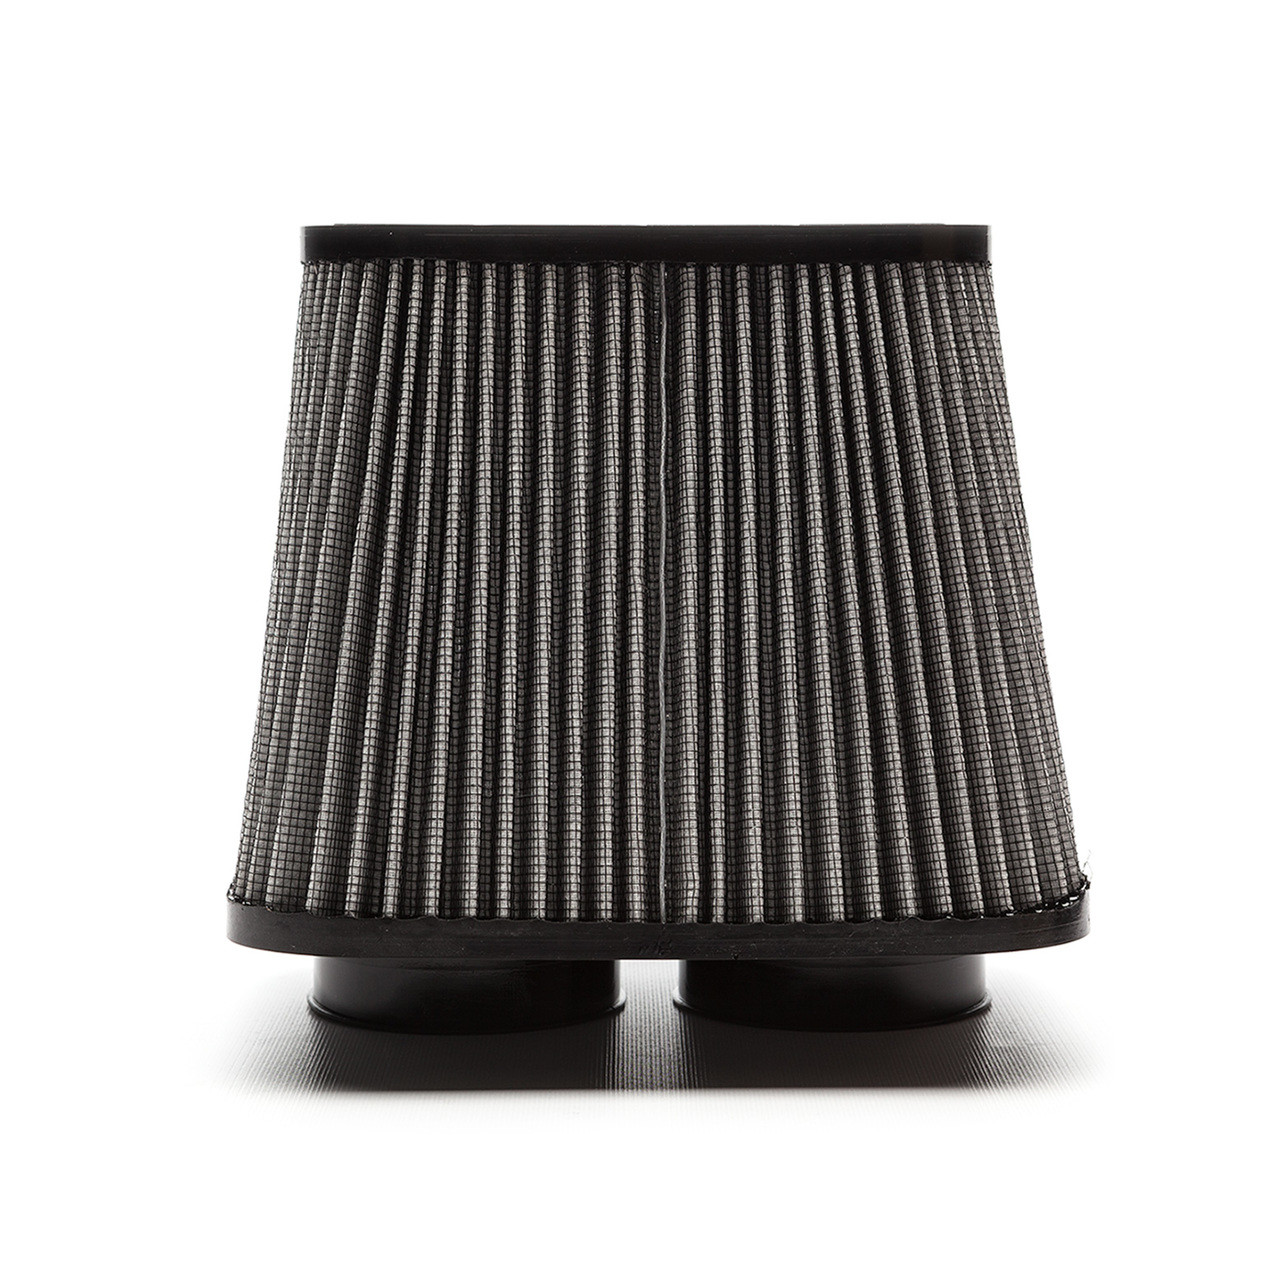 Cobb Redline Carbon Fiber Intake For 17-20 Ford Raptor Ecoboost - 7F3100